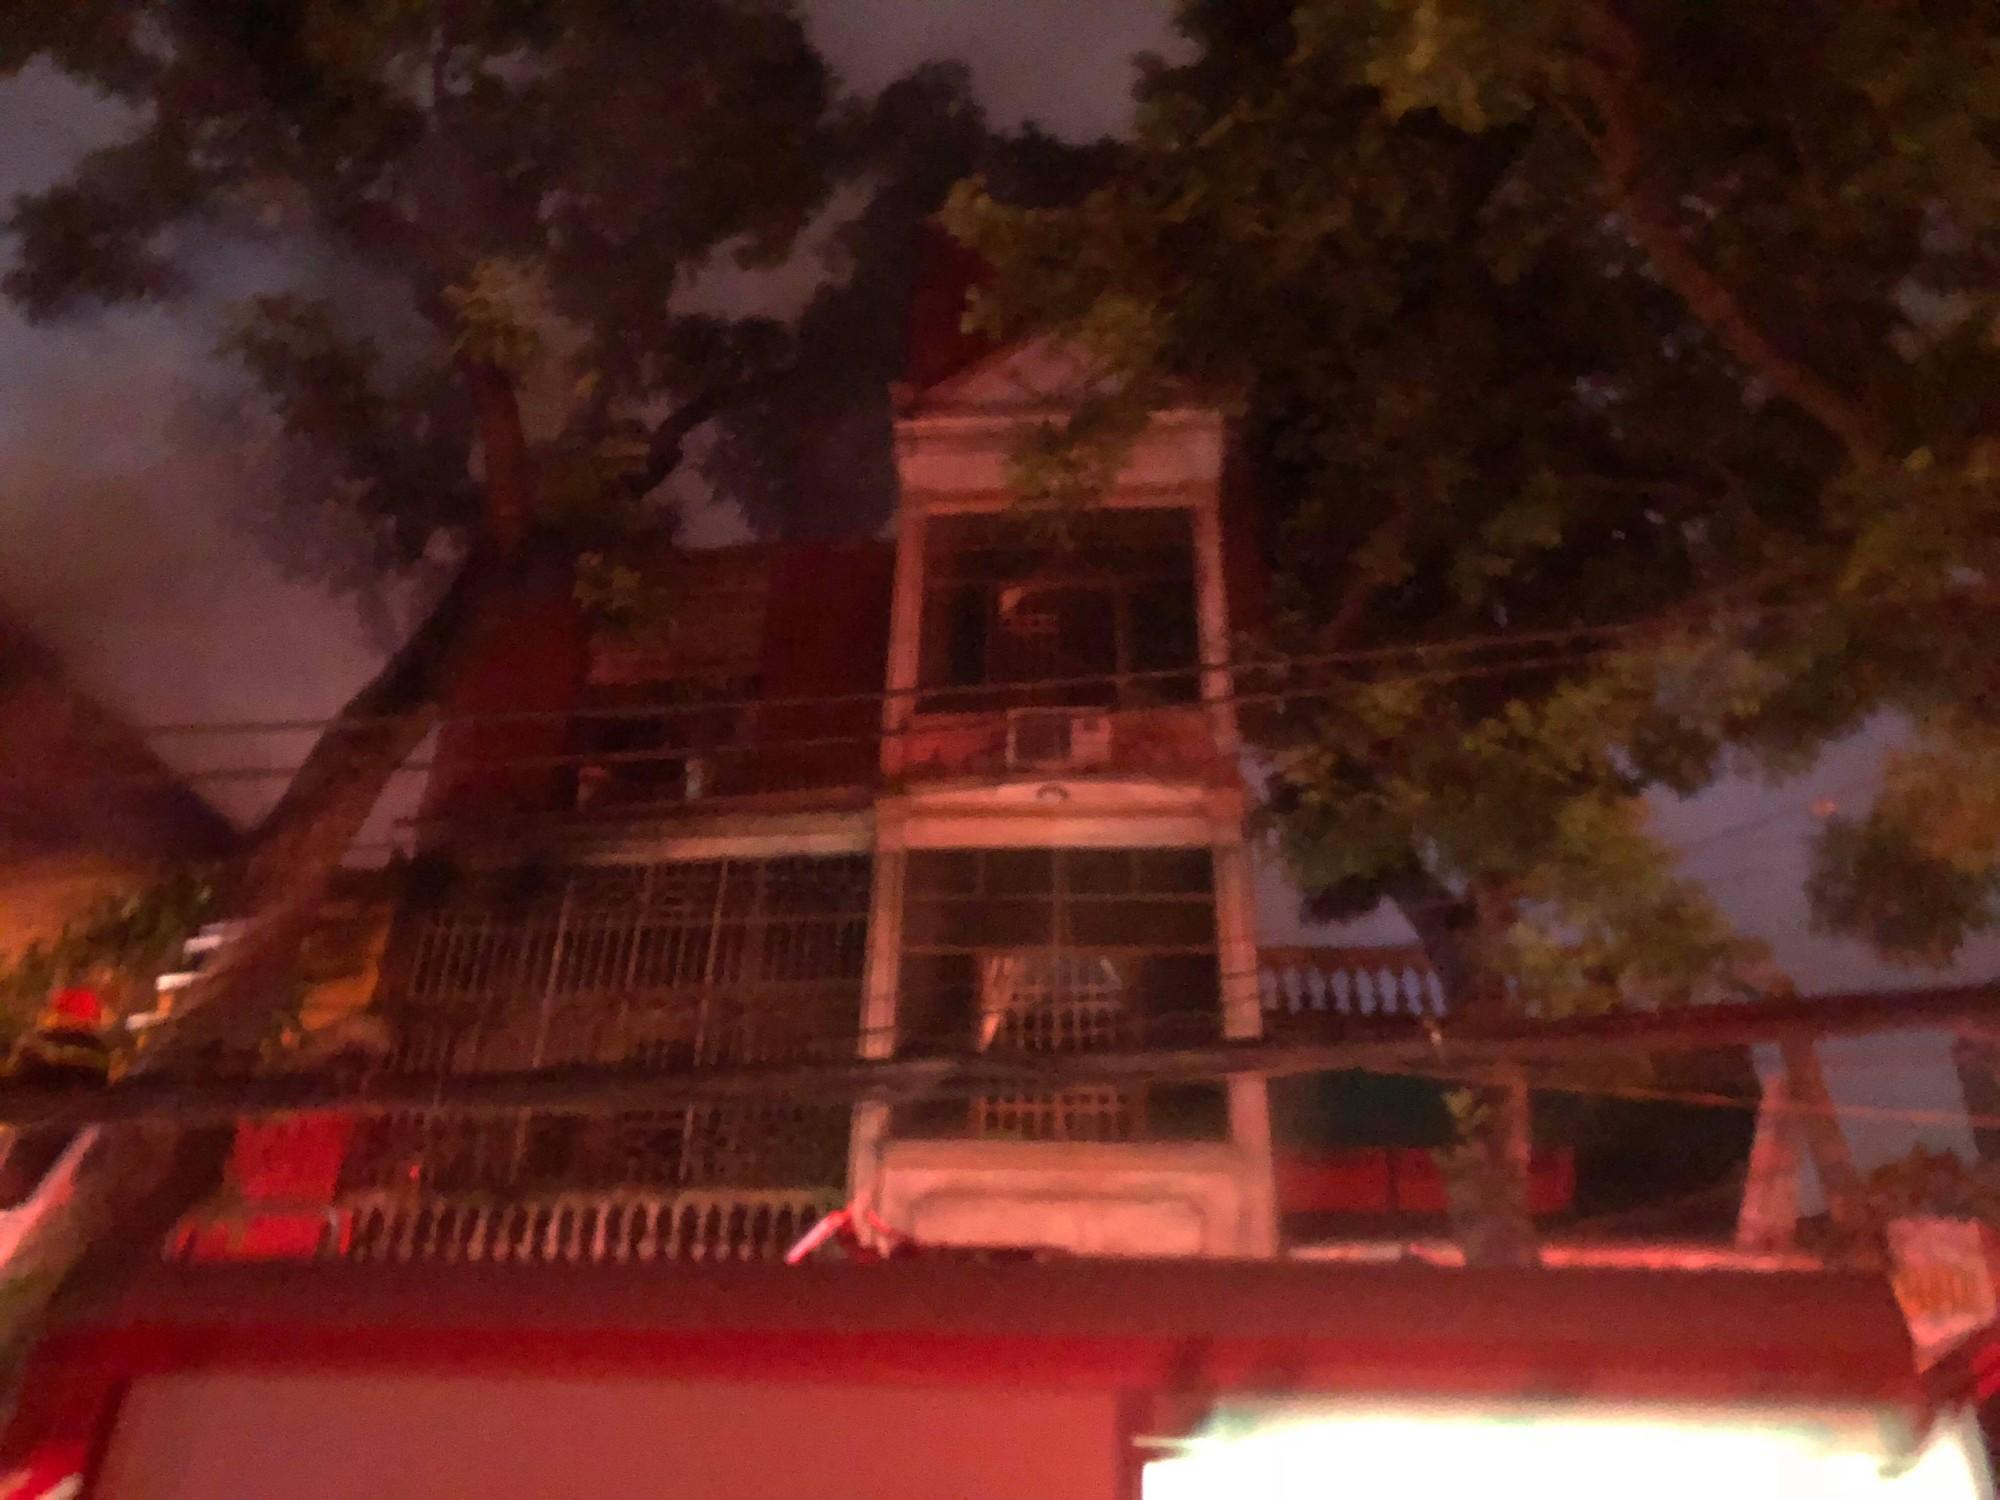 Nóng: Cháy lan kinh hoàng cả dãy trọ gần viện Nhi ở Hà Nội, nhiều người ôm mặt khóc nức nở - Ảnh 6.